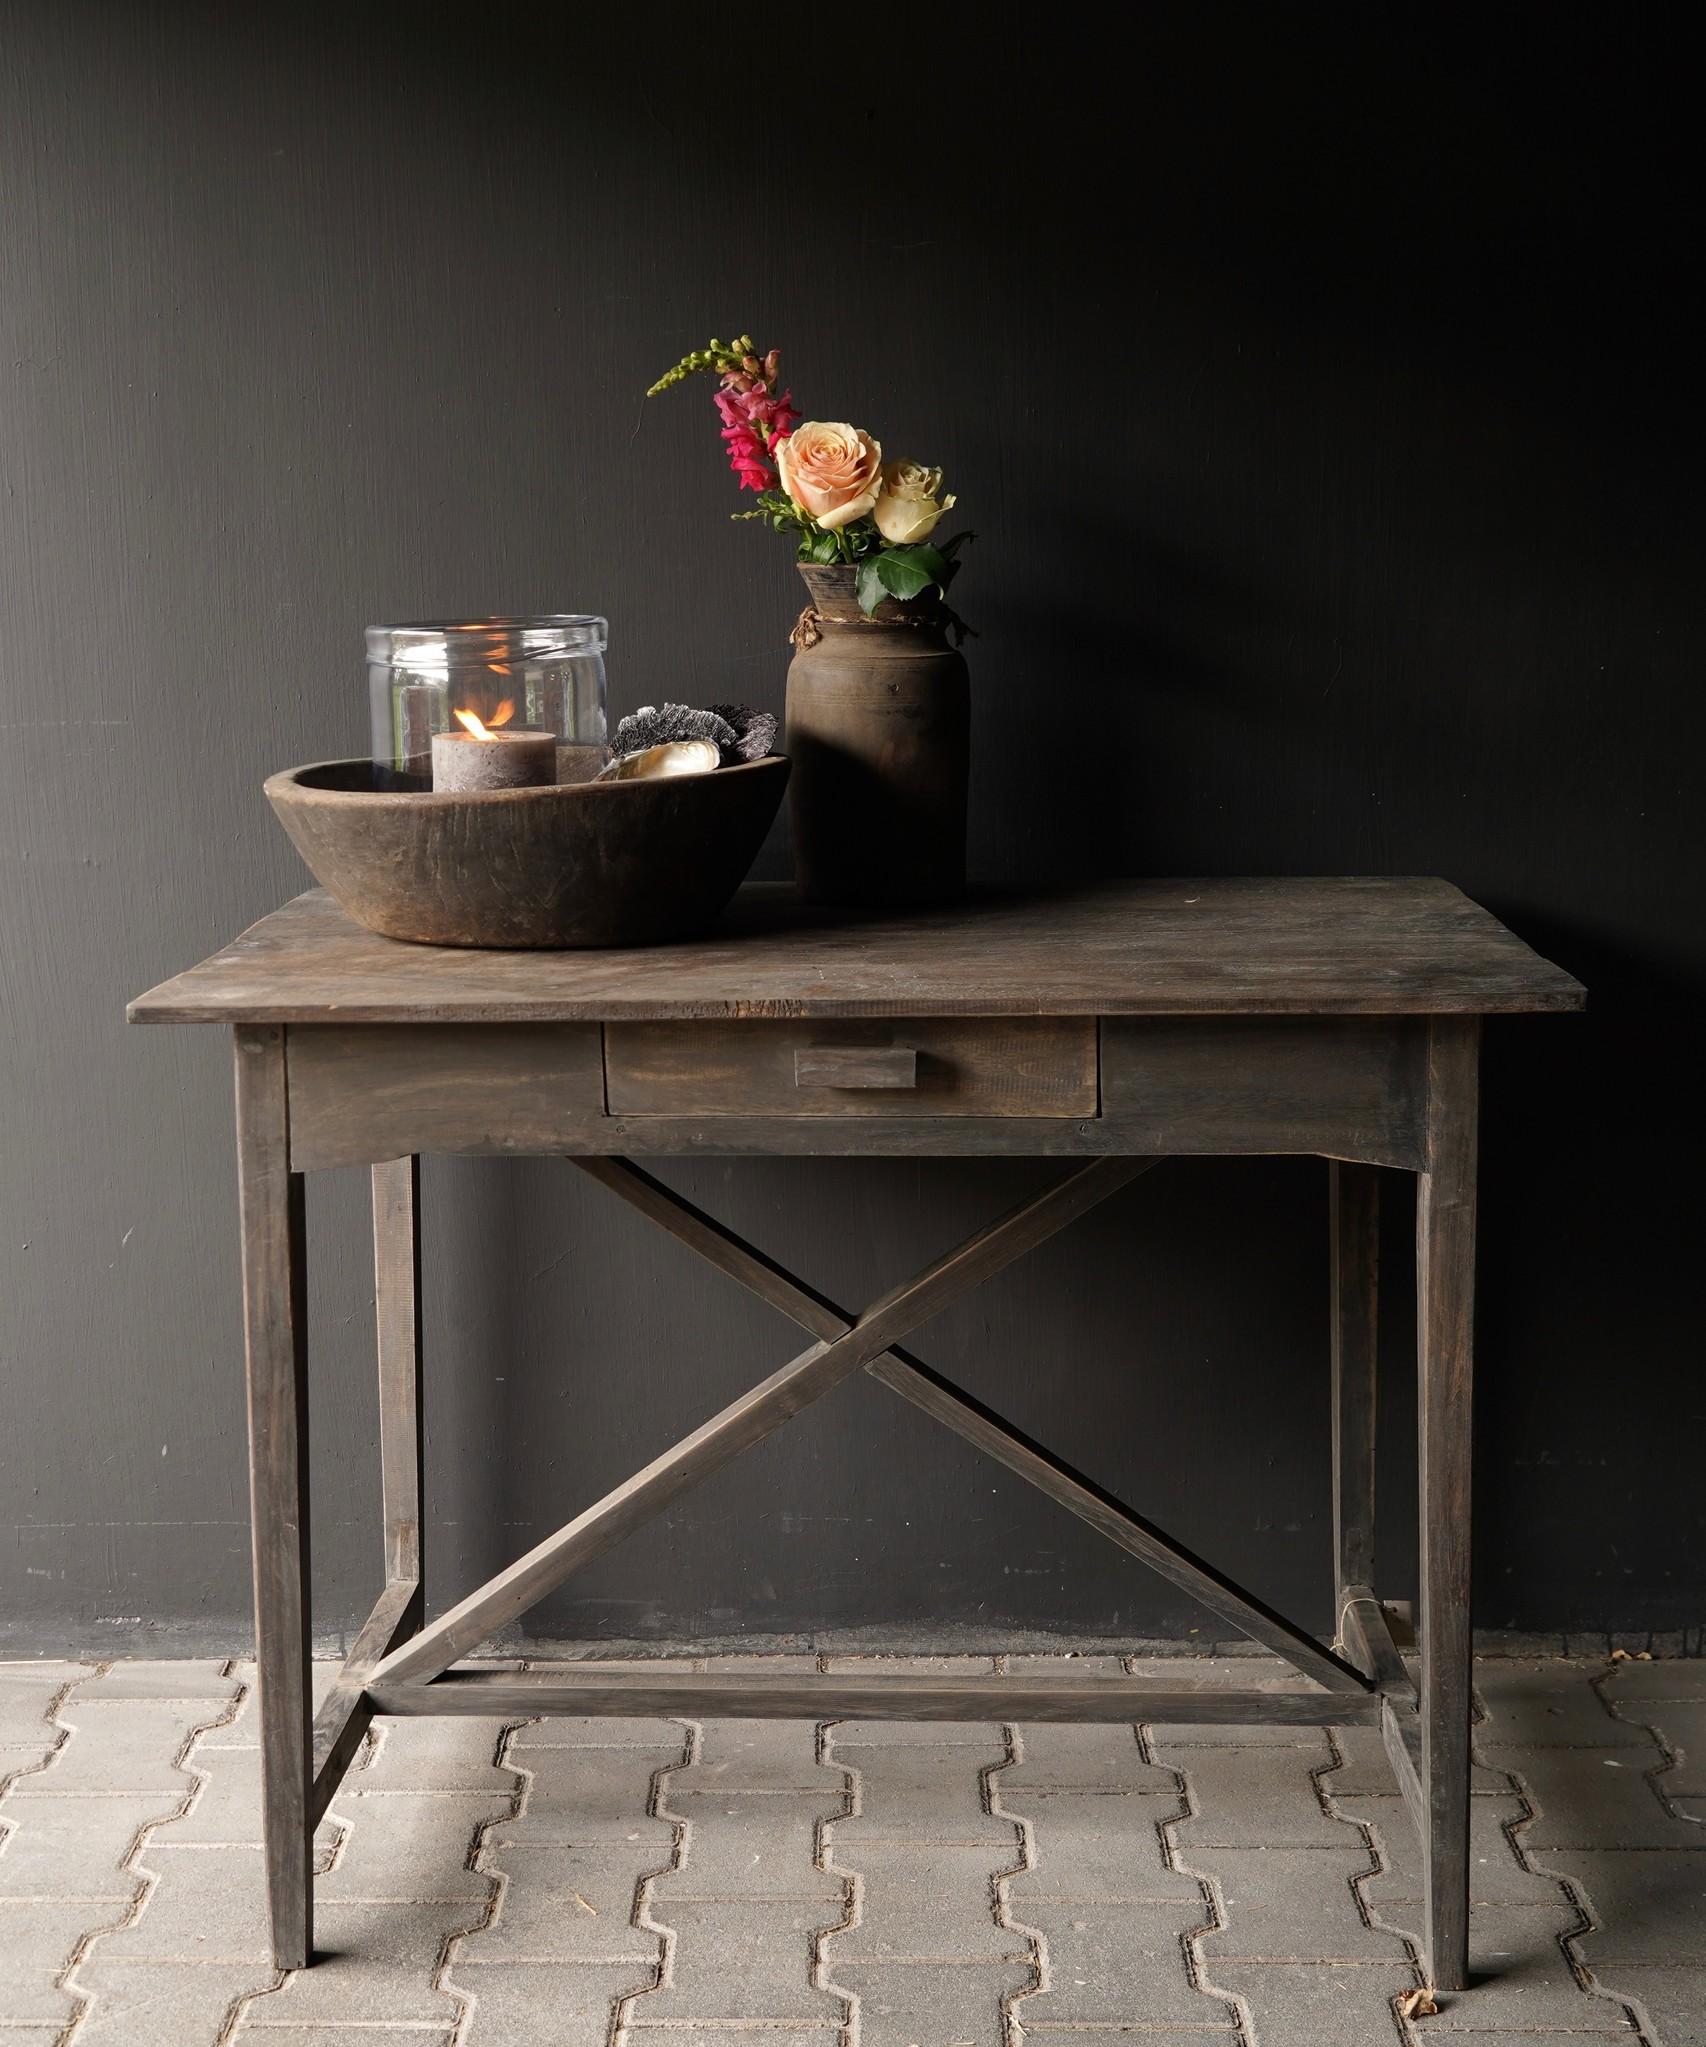 Stoer oud Sidetable/muurtafel oud hout met een lade-2